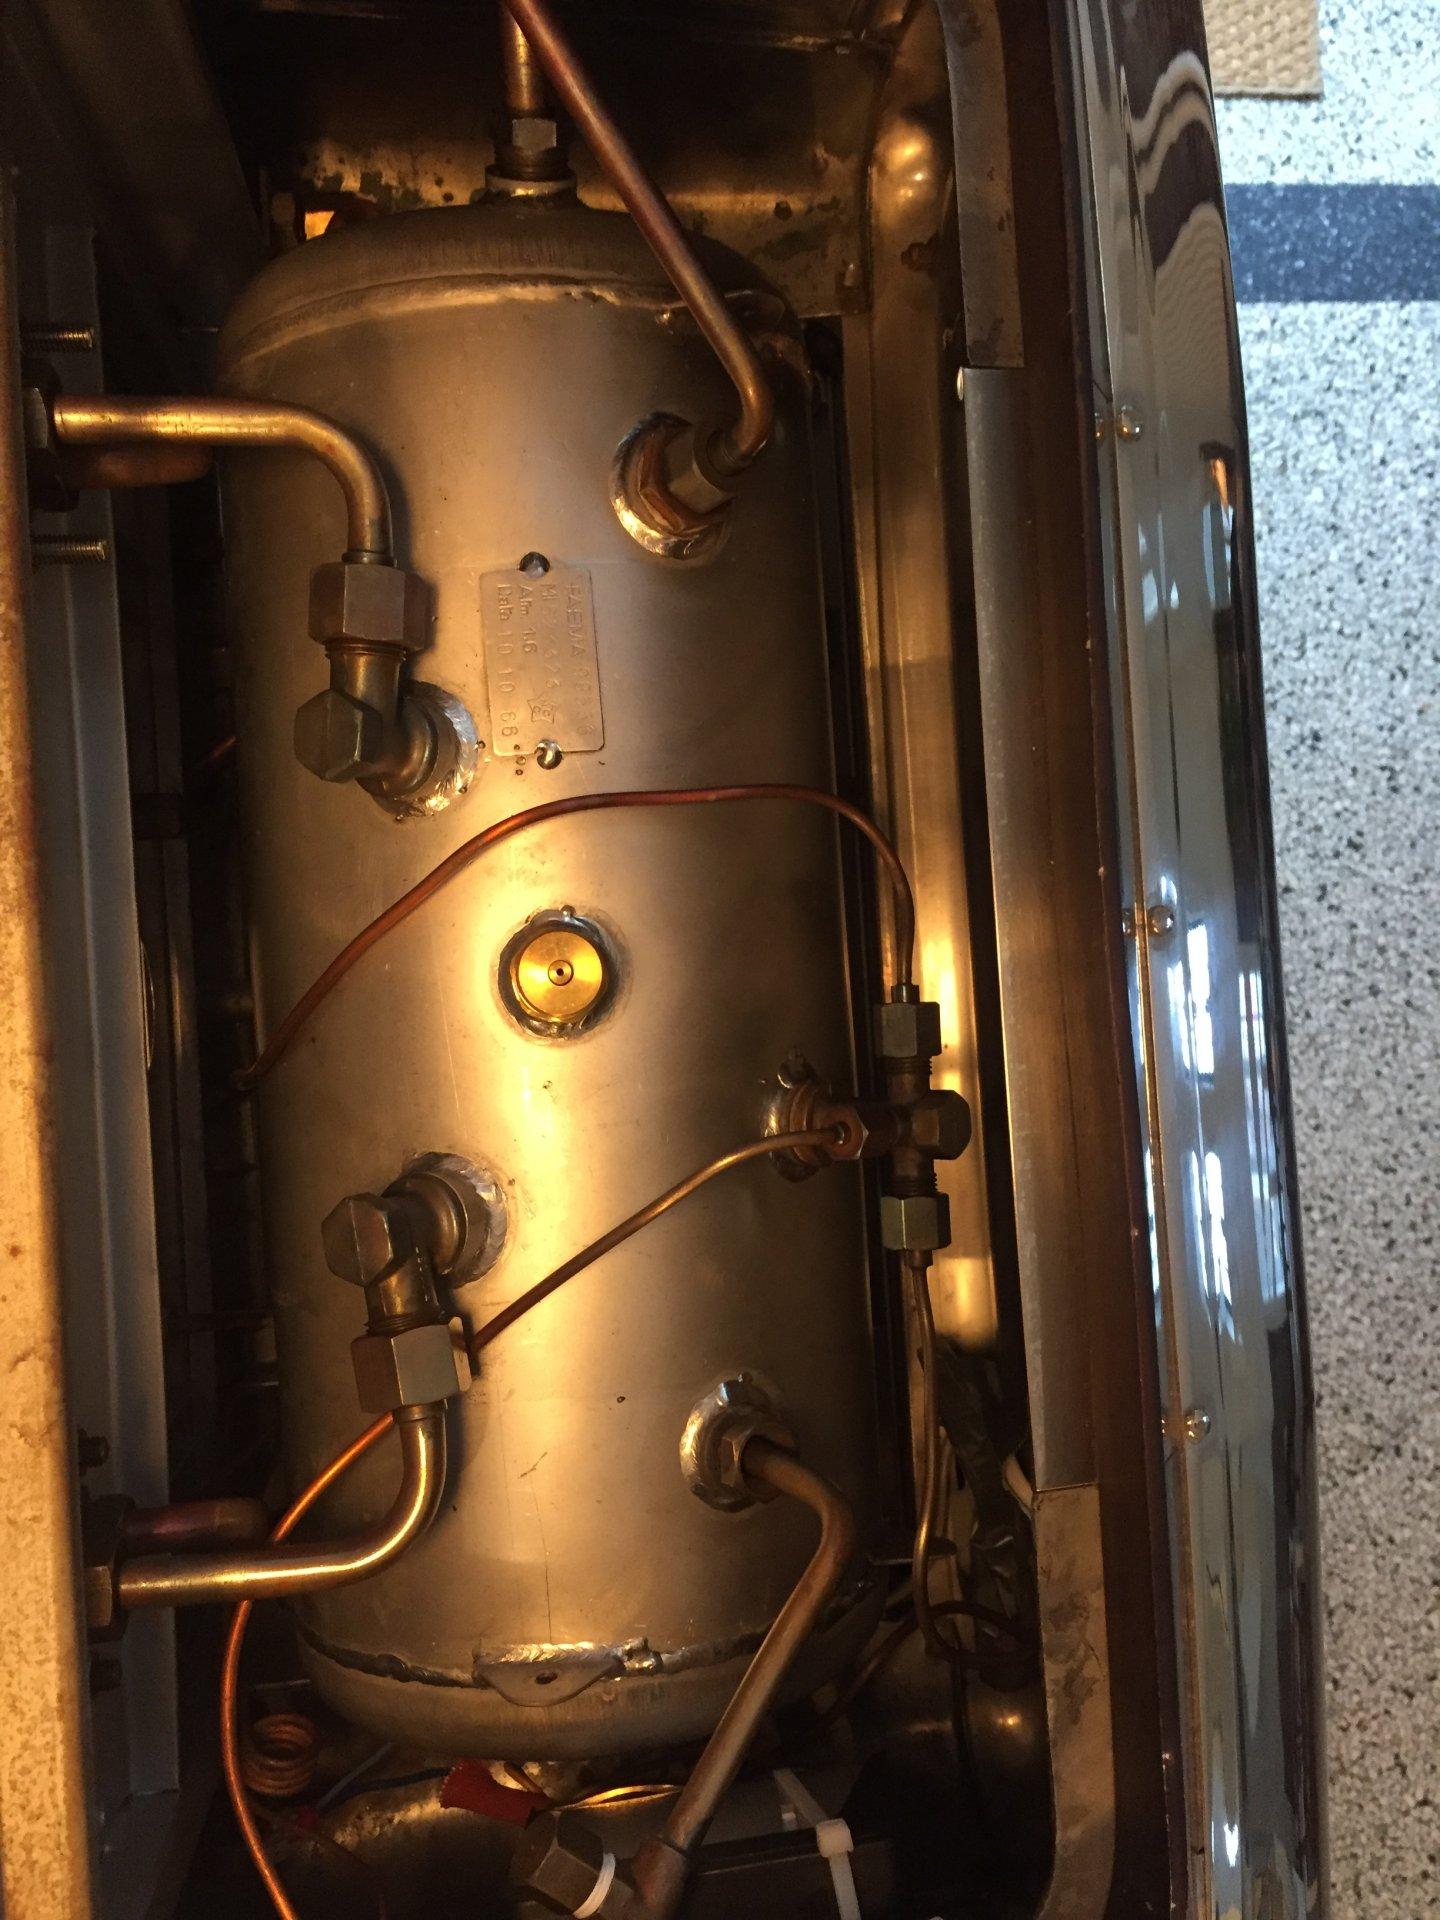 E30FF3AC-0216-40F8-89EA-DFC55AE40F83.jpeg